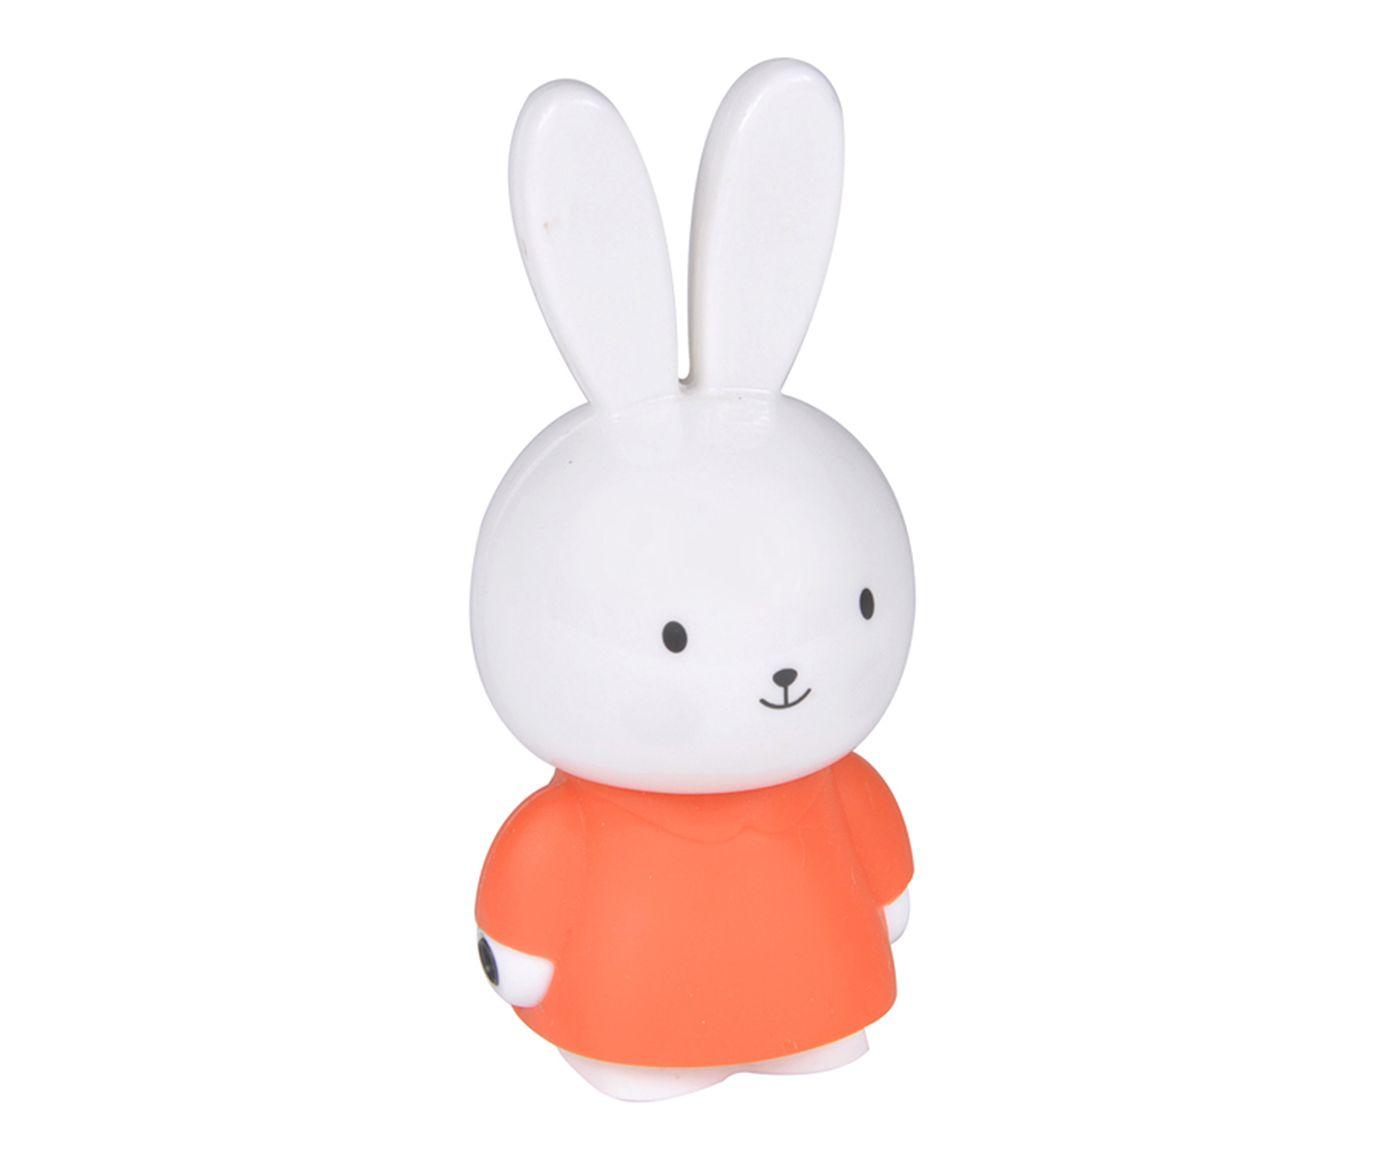 Caixa de Som Rabbit - Laranja | Westwing.com.br